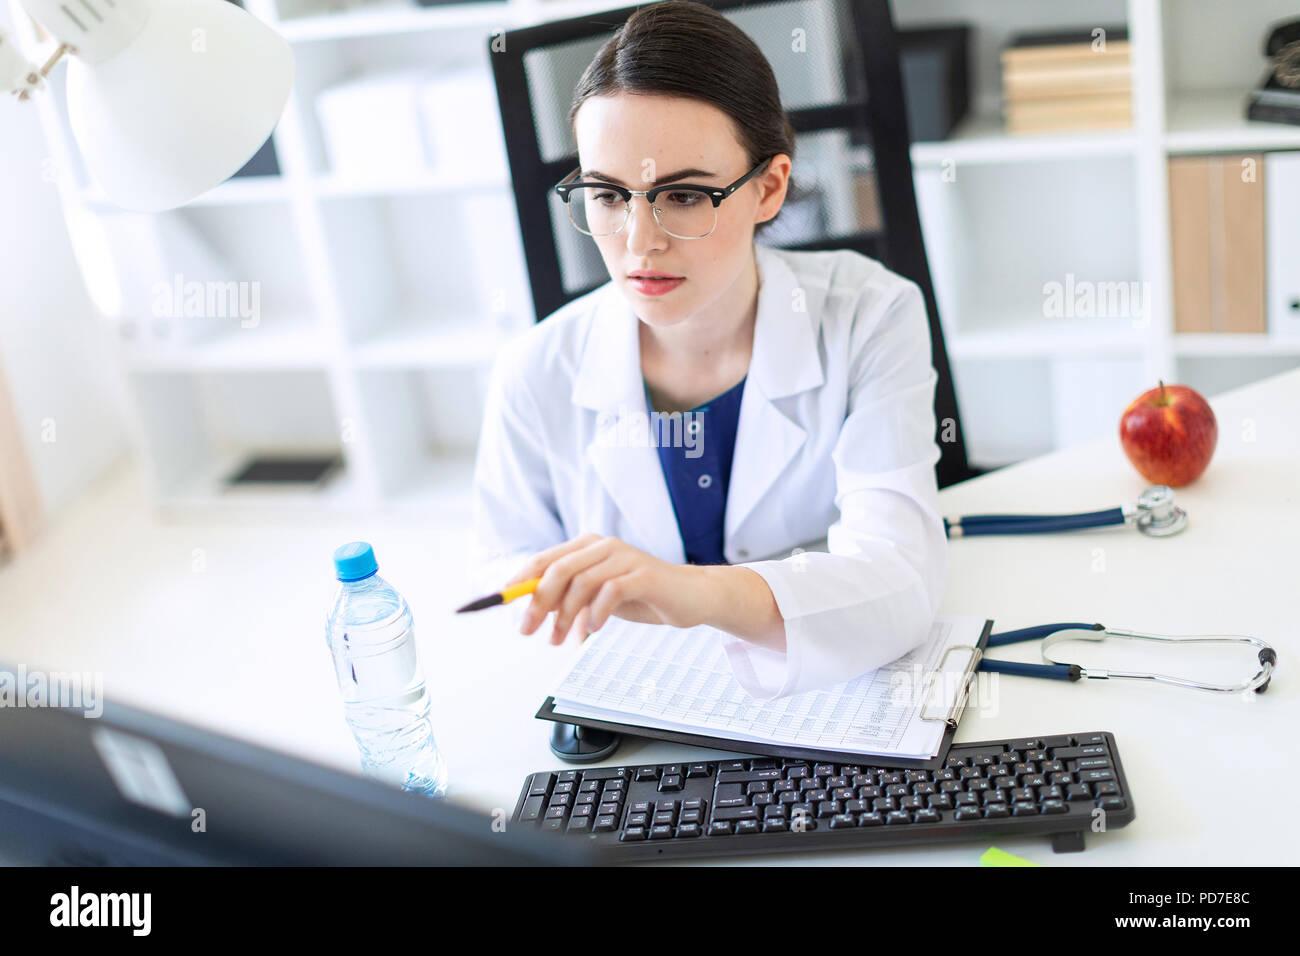 Eine schöne, junge Mädchen in einem weißen Gewand sitzt an einem Computer Schreibtisch mit Dokumenten und einen Stift in den Händen. Stockbild